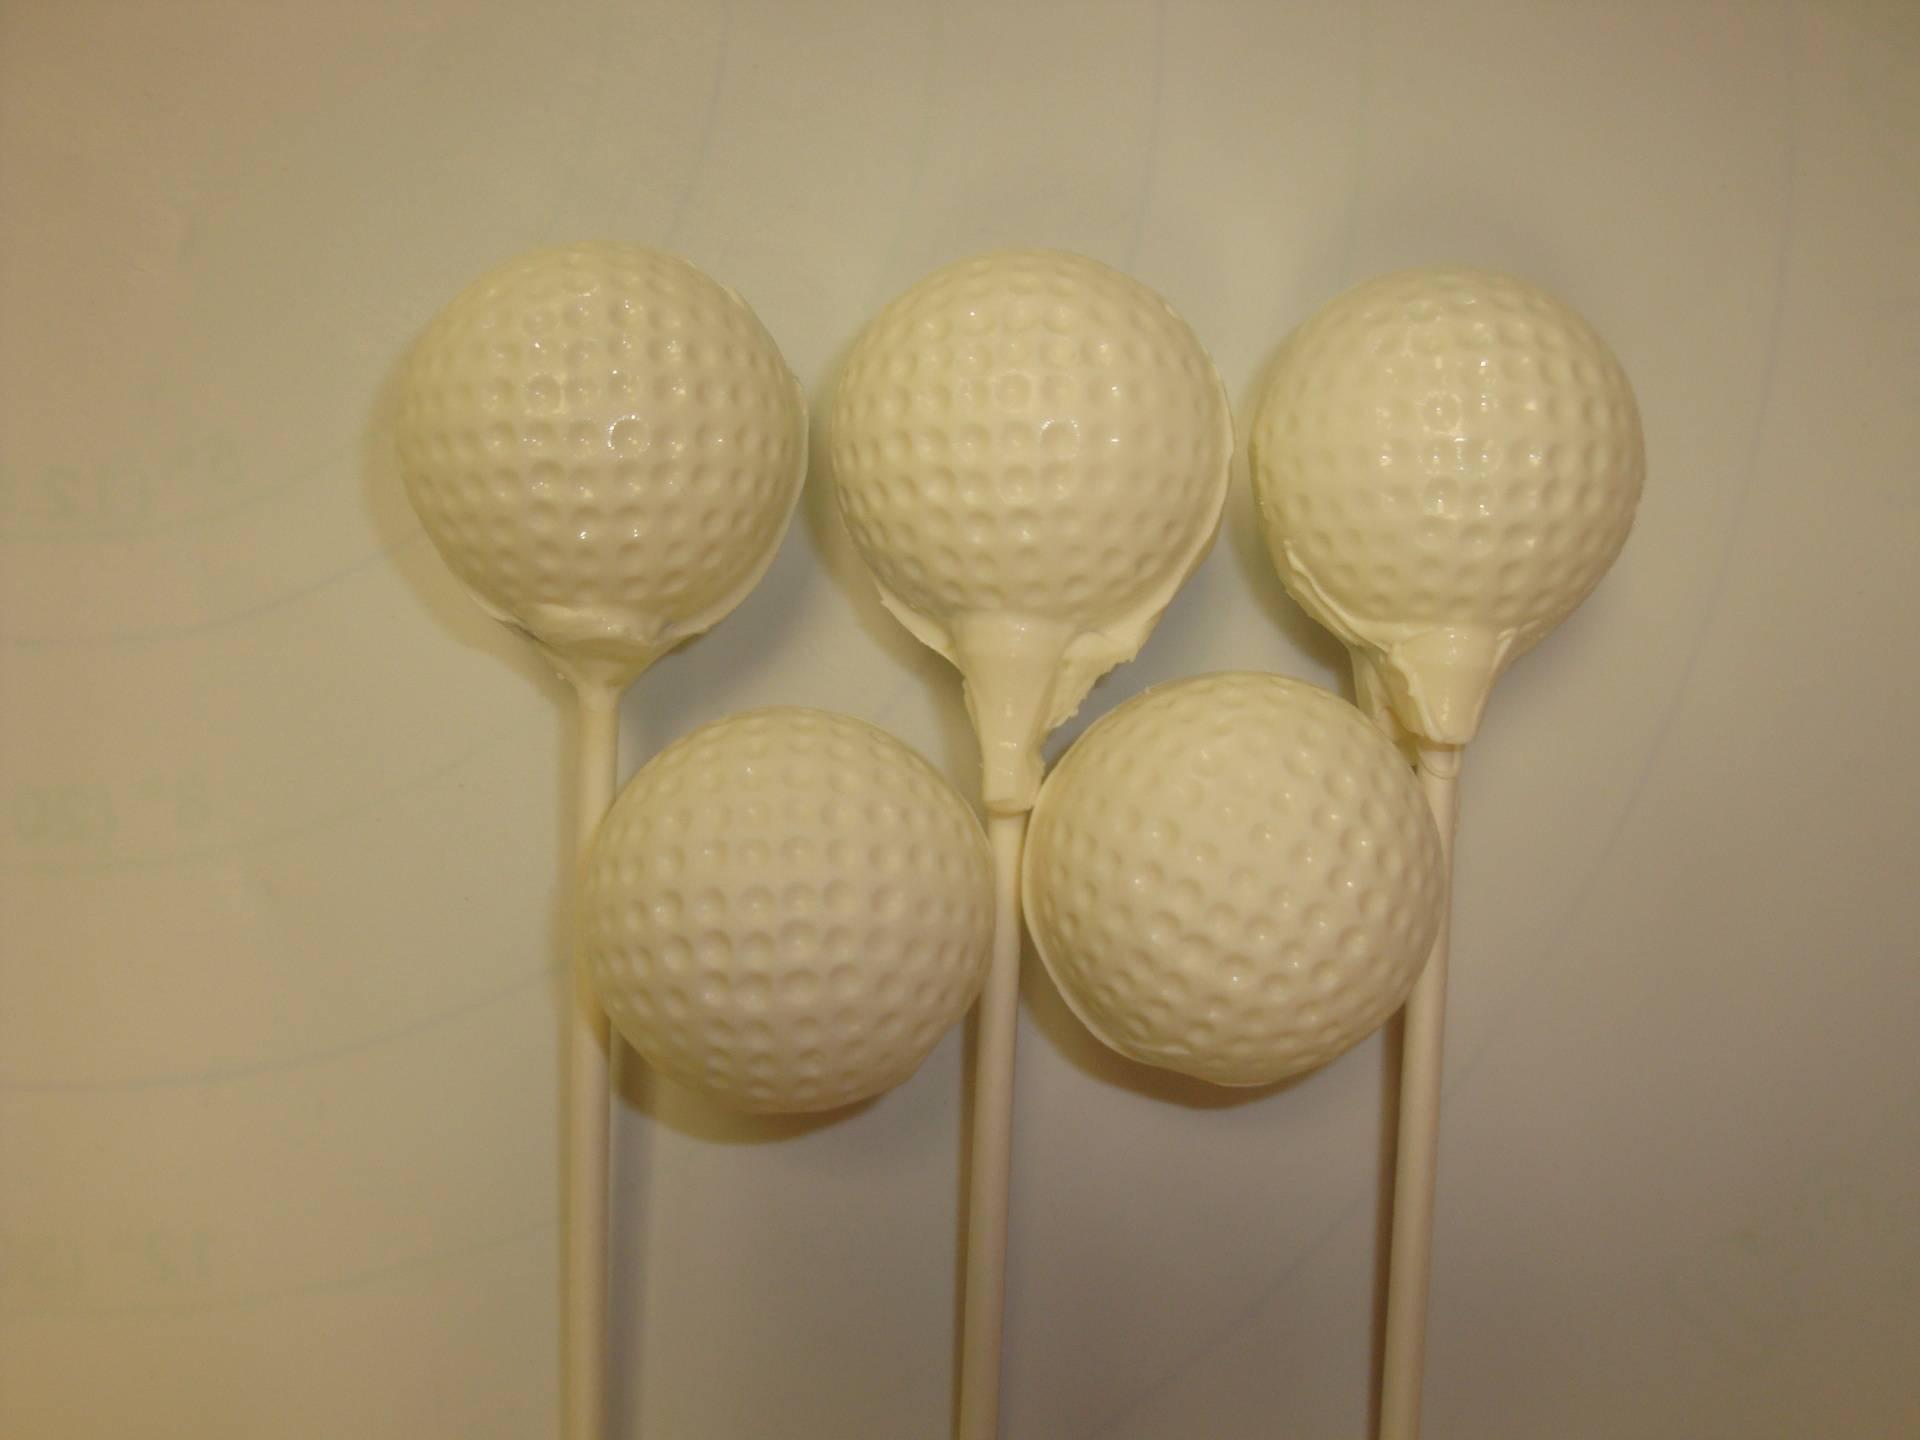 golf ball cake pops $4 each